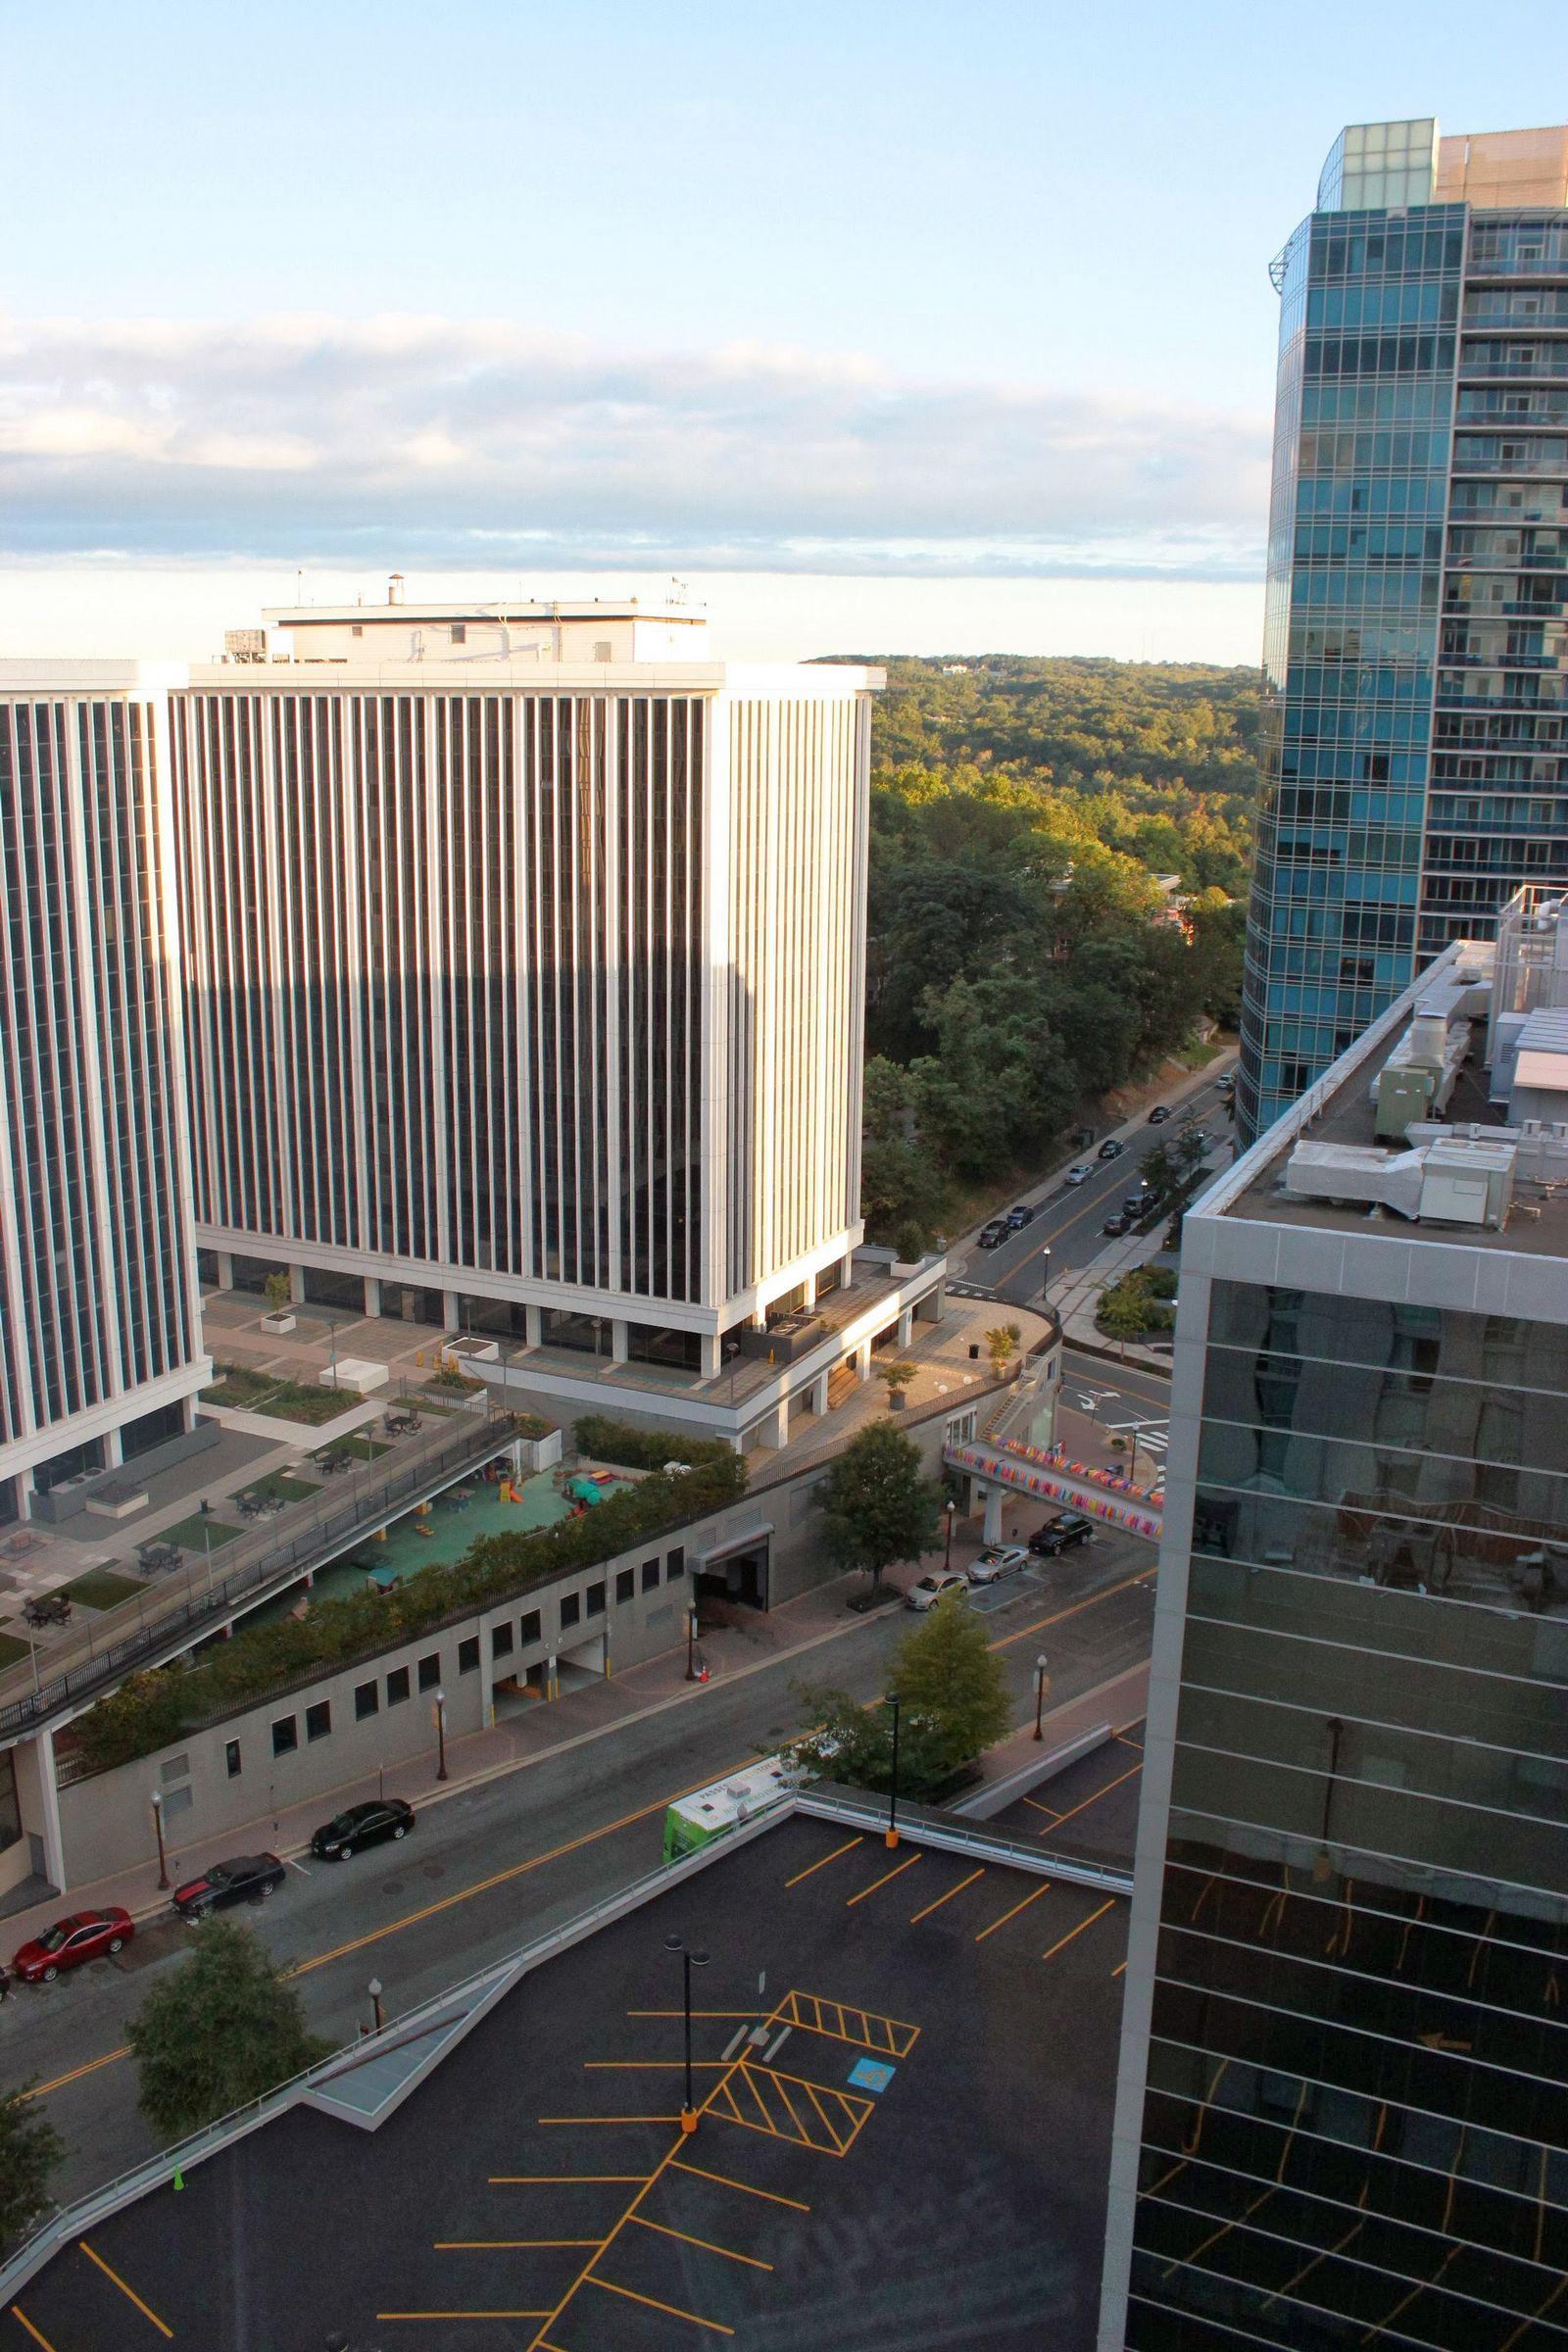 El edificio de la izquierda es el de Operativa Gubernamental de Boeing